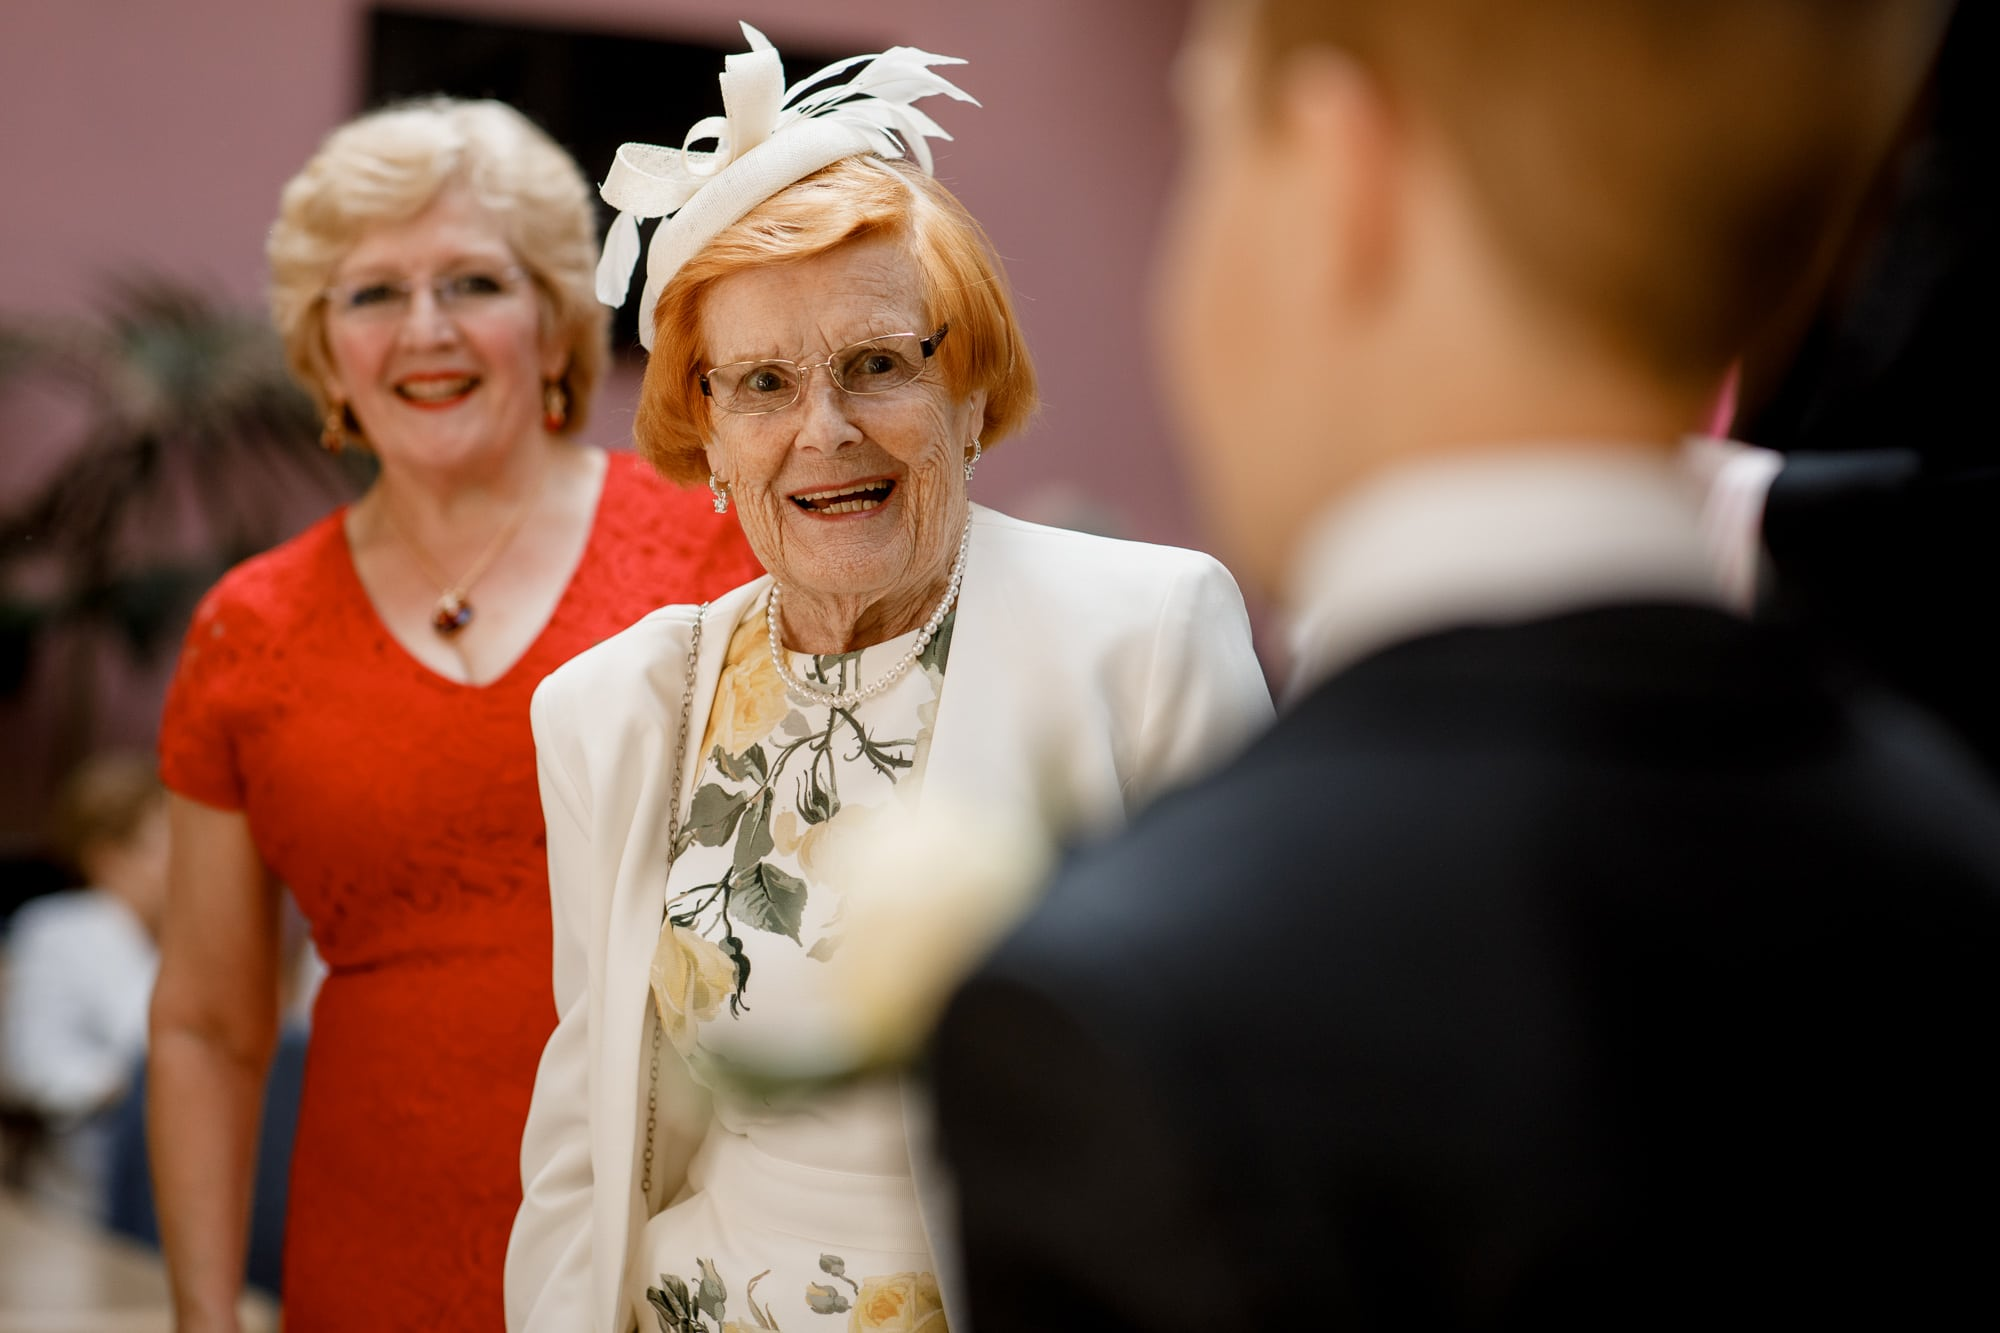 grandma smiling at page boy